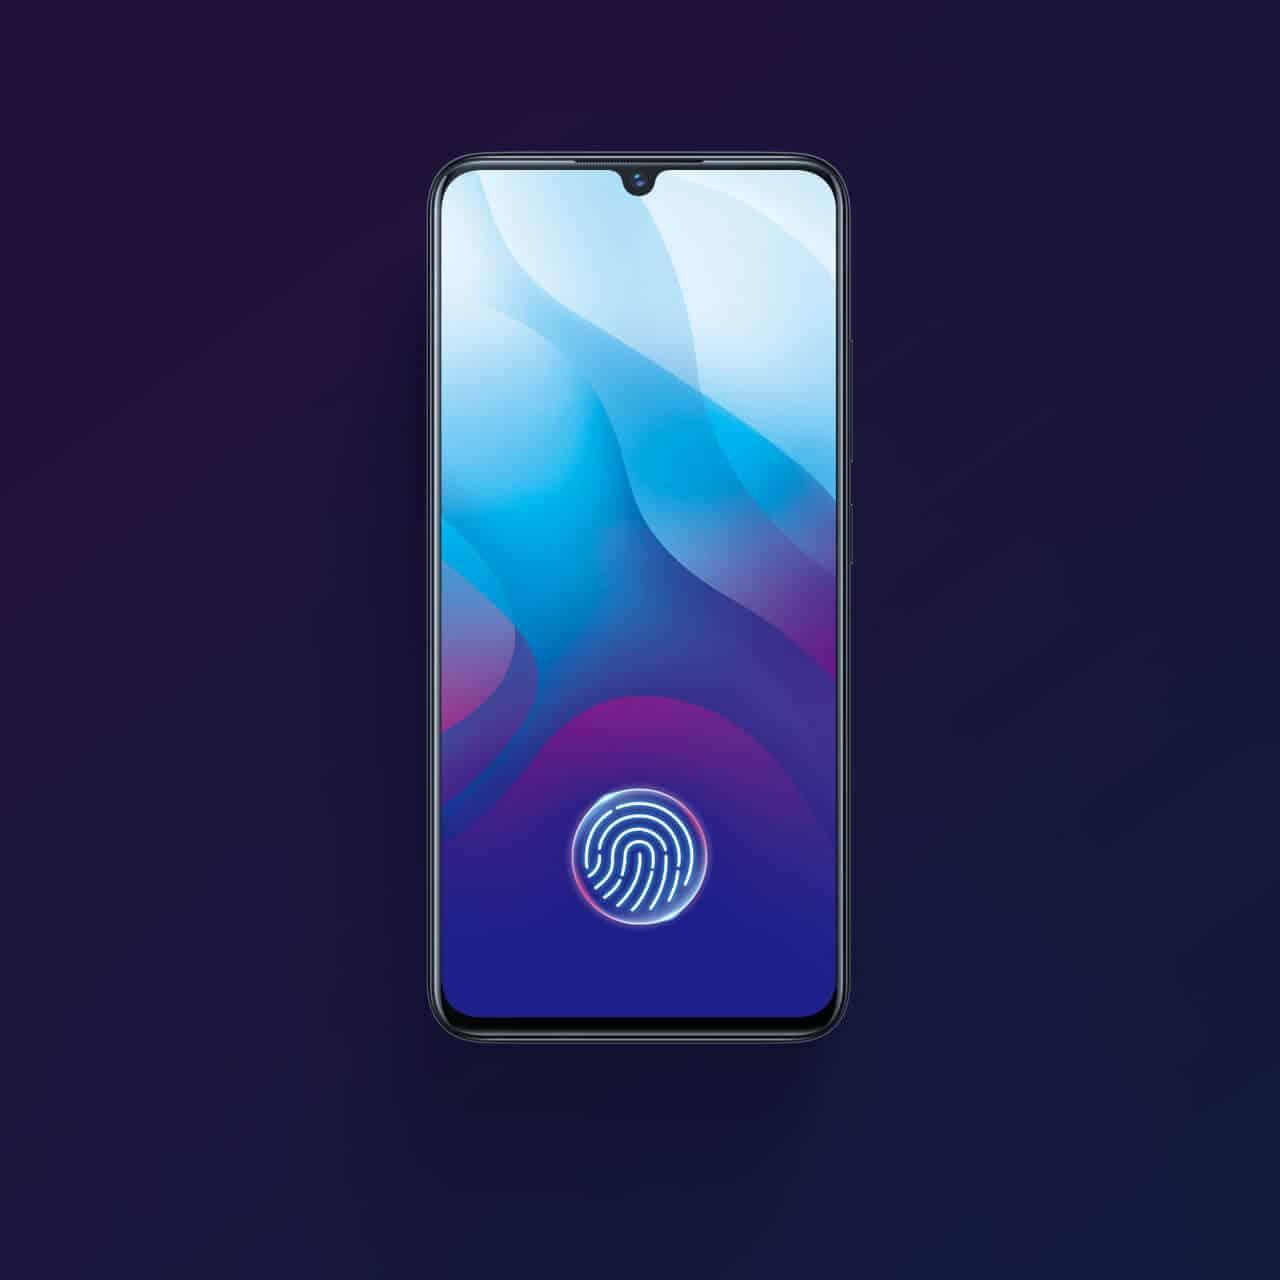 vivo v11 fingerprint sensor